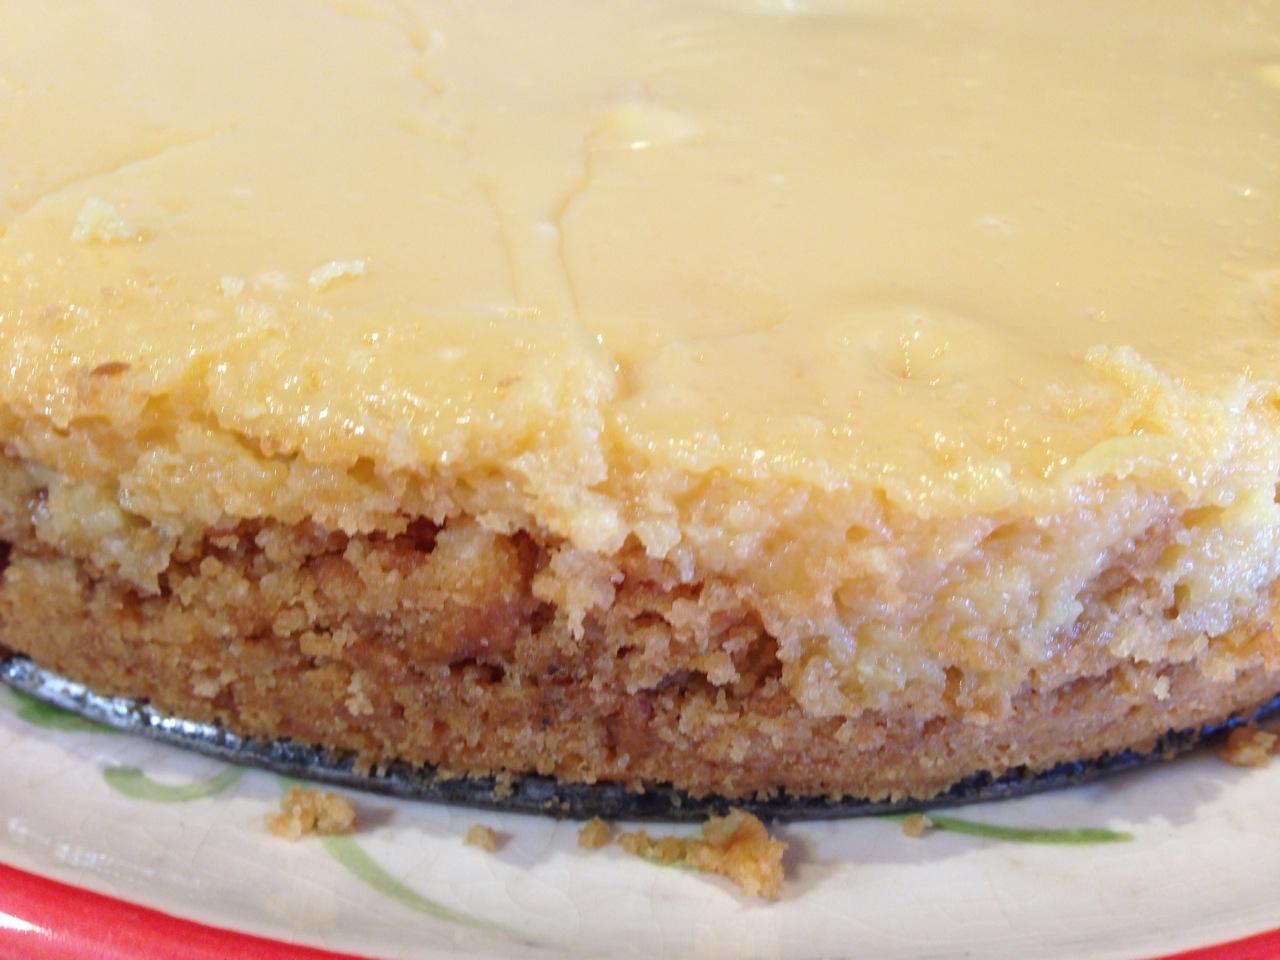 Torta-de-maçã-carol5